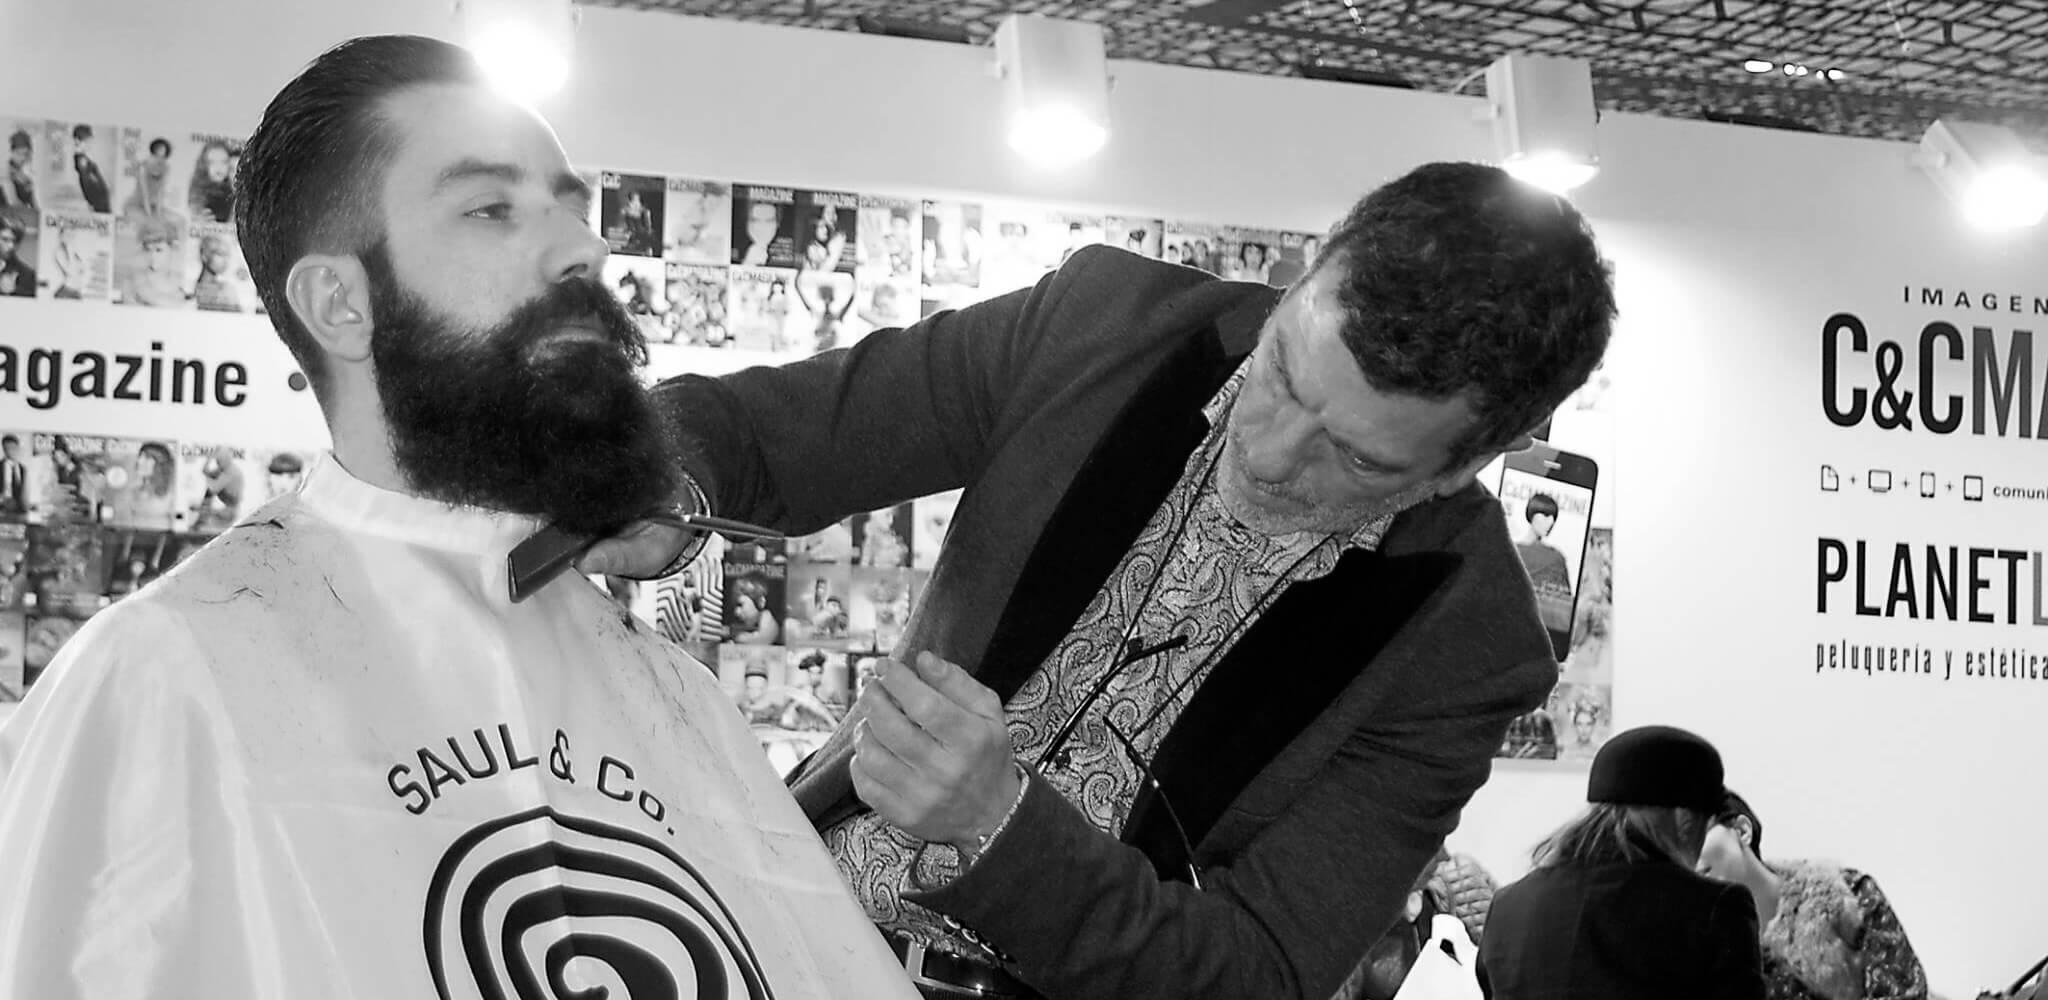 Formación Saul & Co peluquería en Badalona